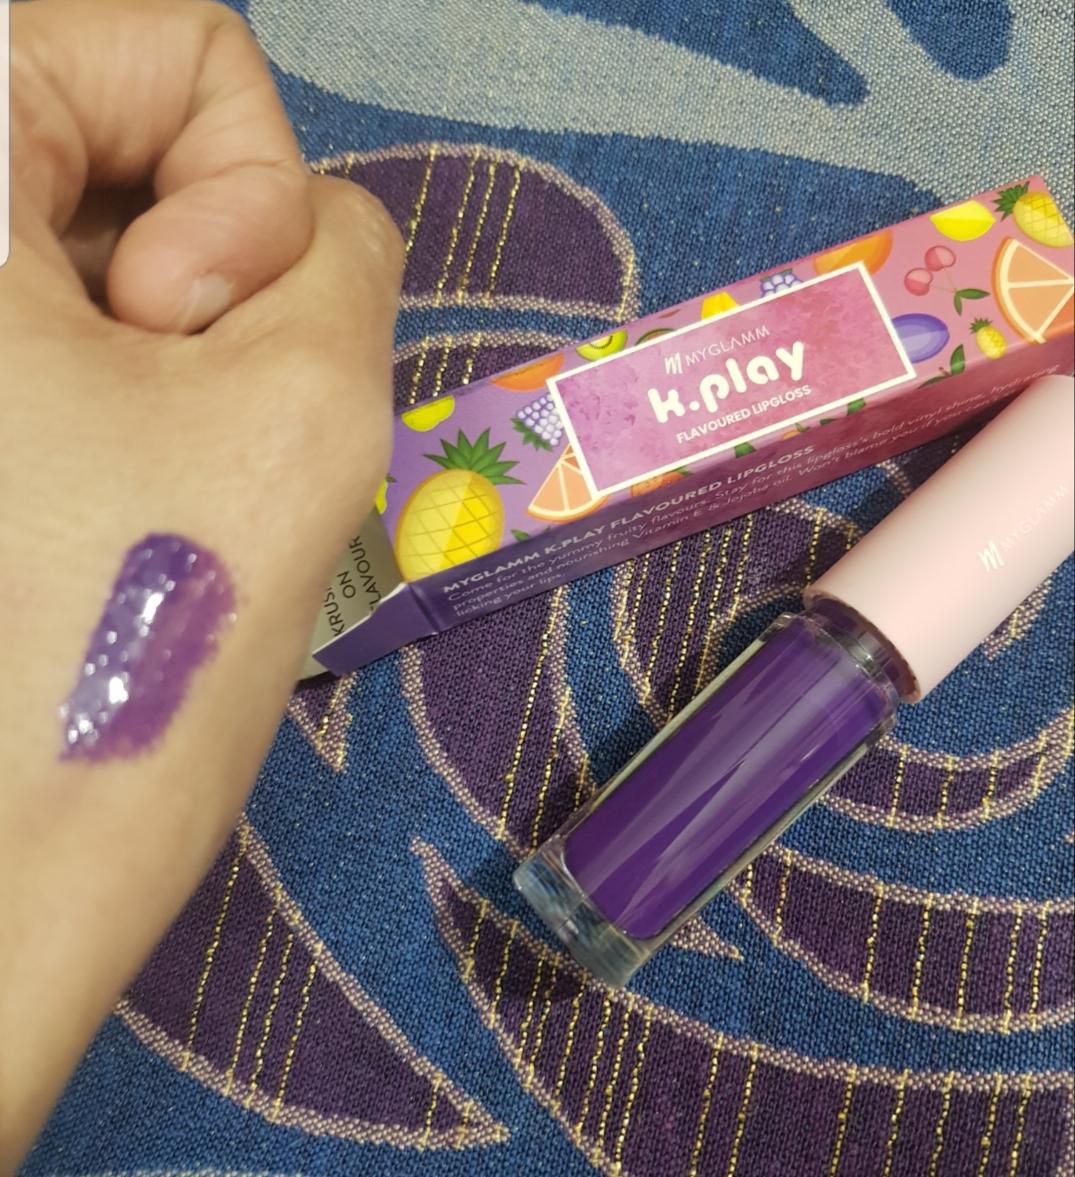 MyGlamm K.PLAY FLAVOURED LIPGLOSS – BLUEBERRY RUSH-Highly moistured gloss!-By poonam_kakkar